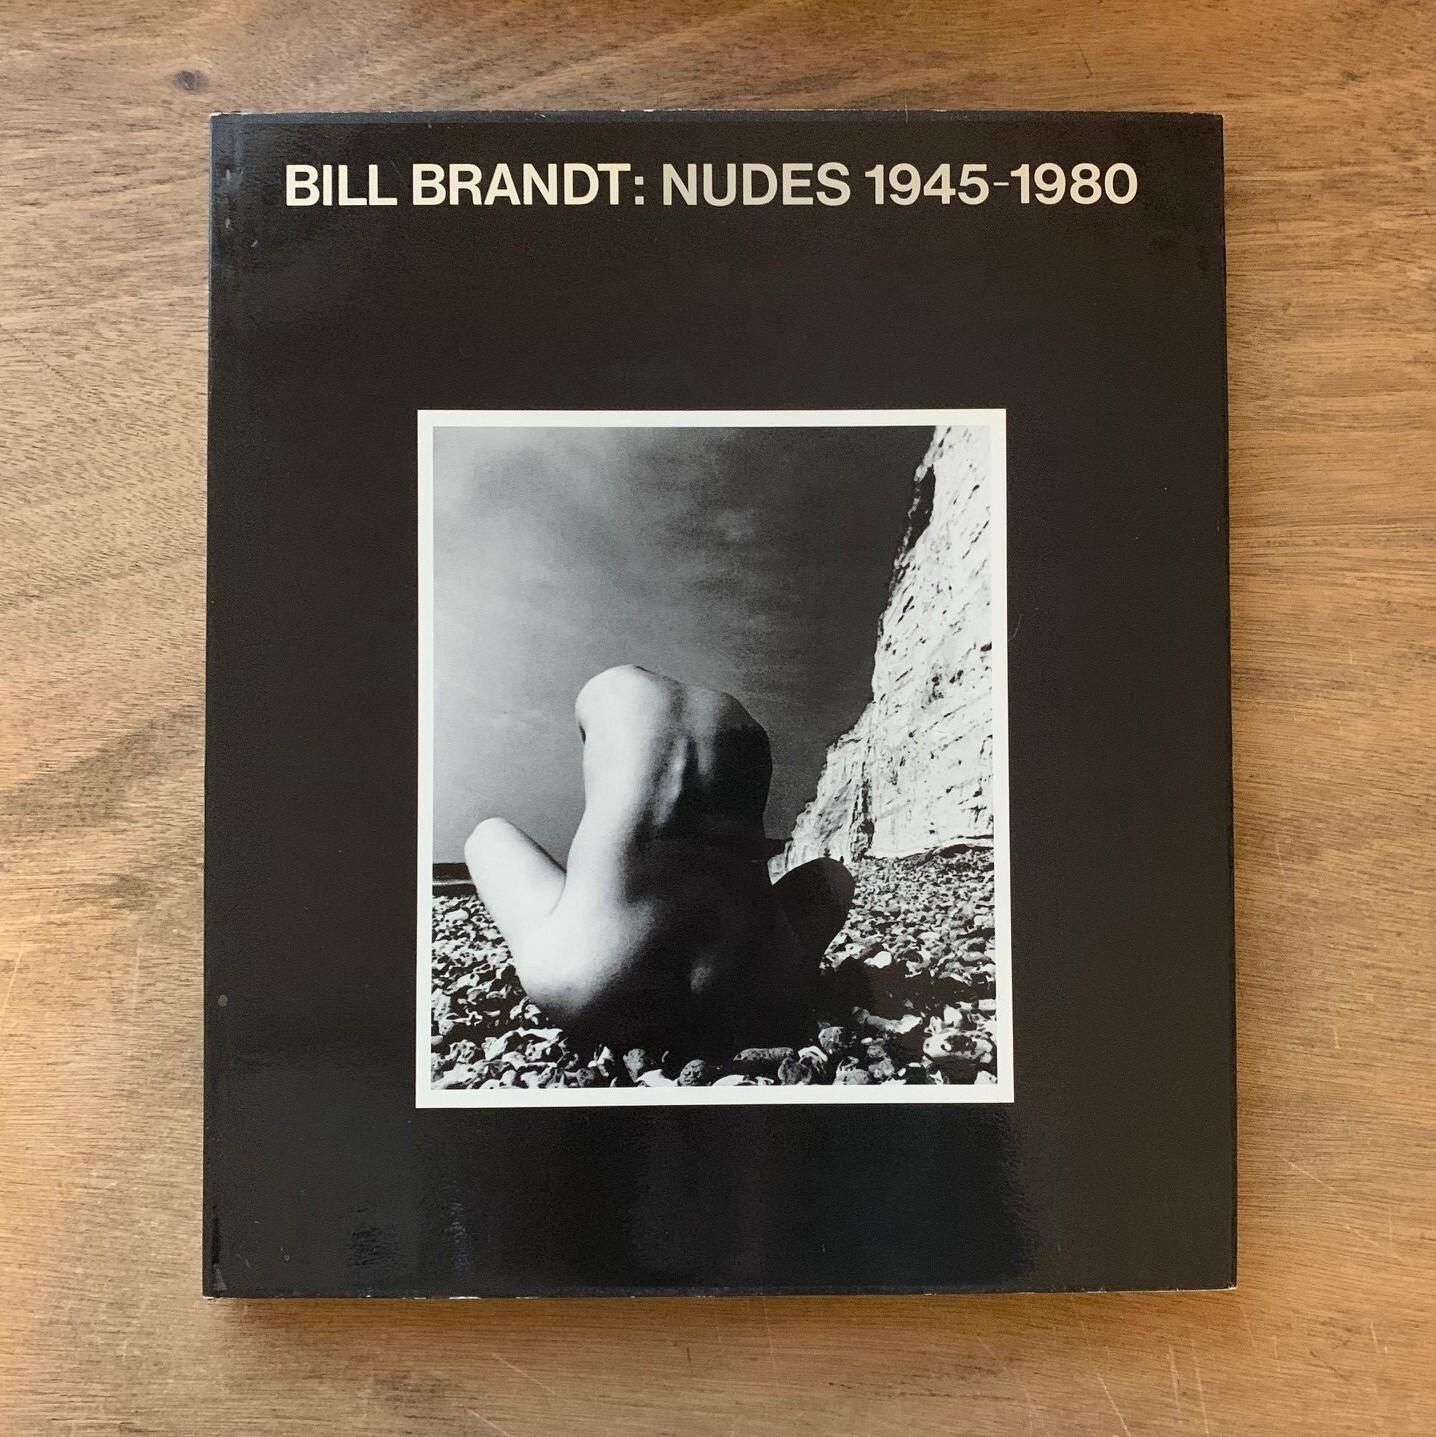 BILL BRANDT ビル・ブラント: NUDES 1945-1980 ヌード